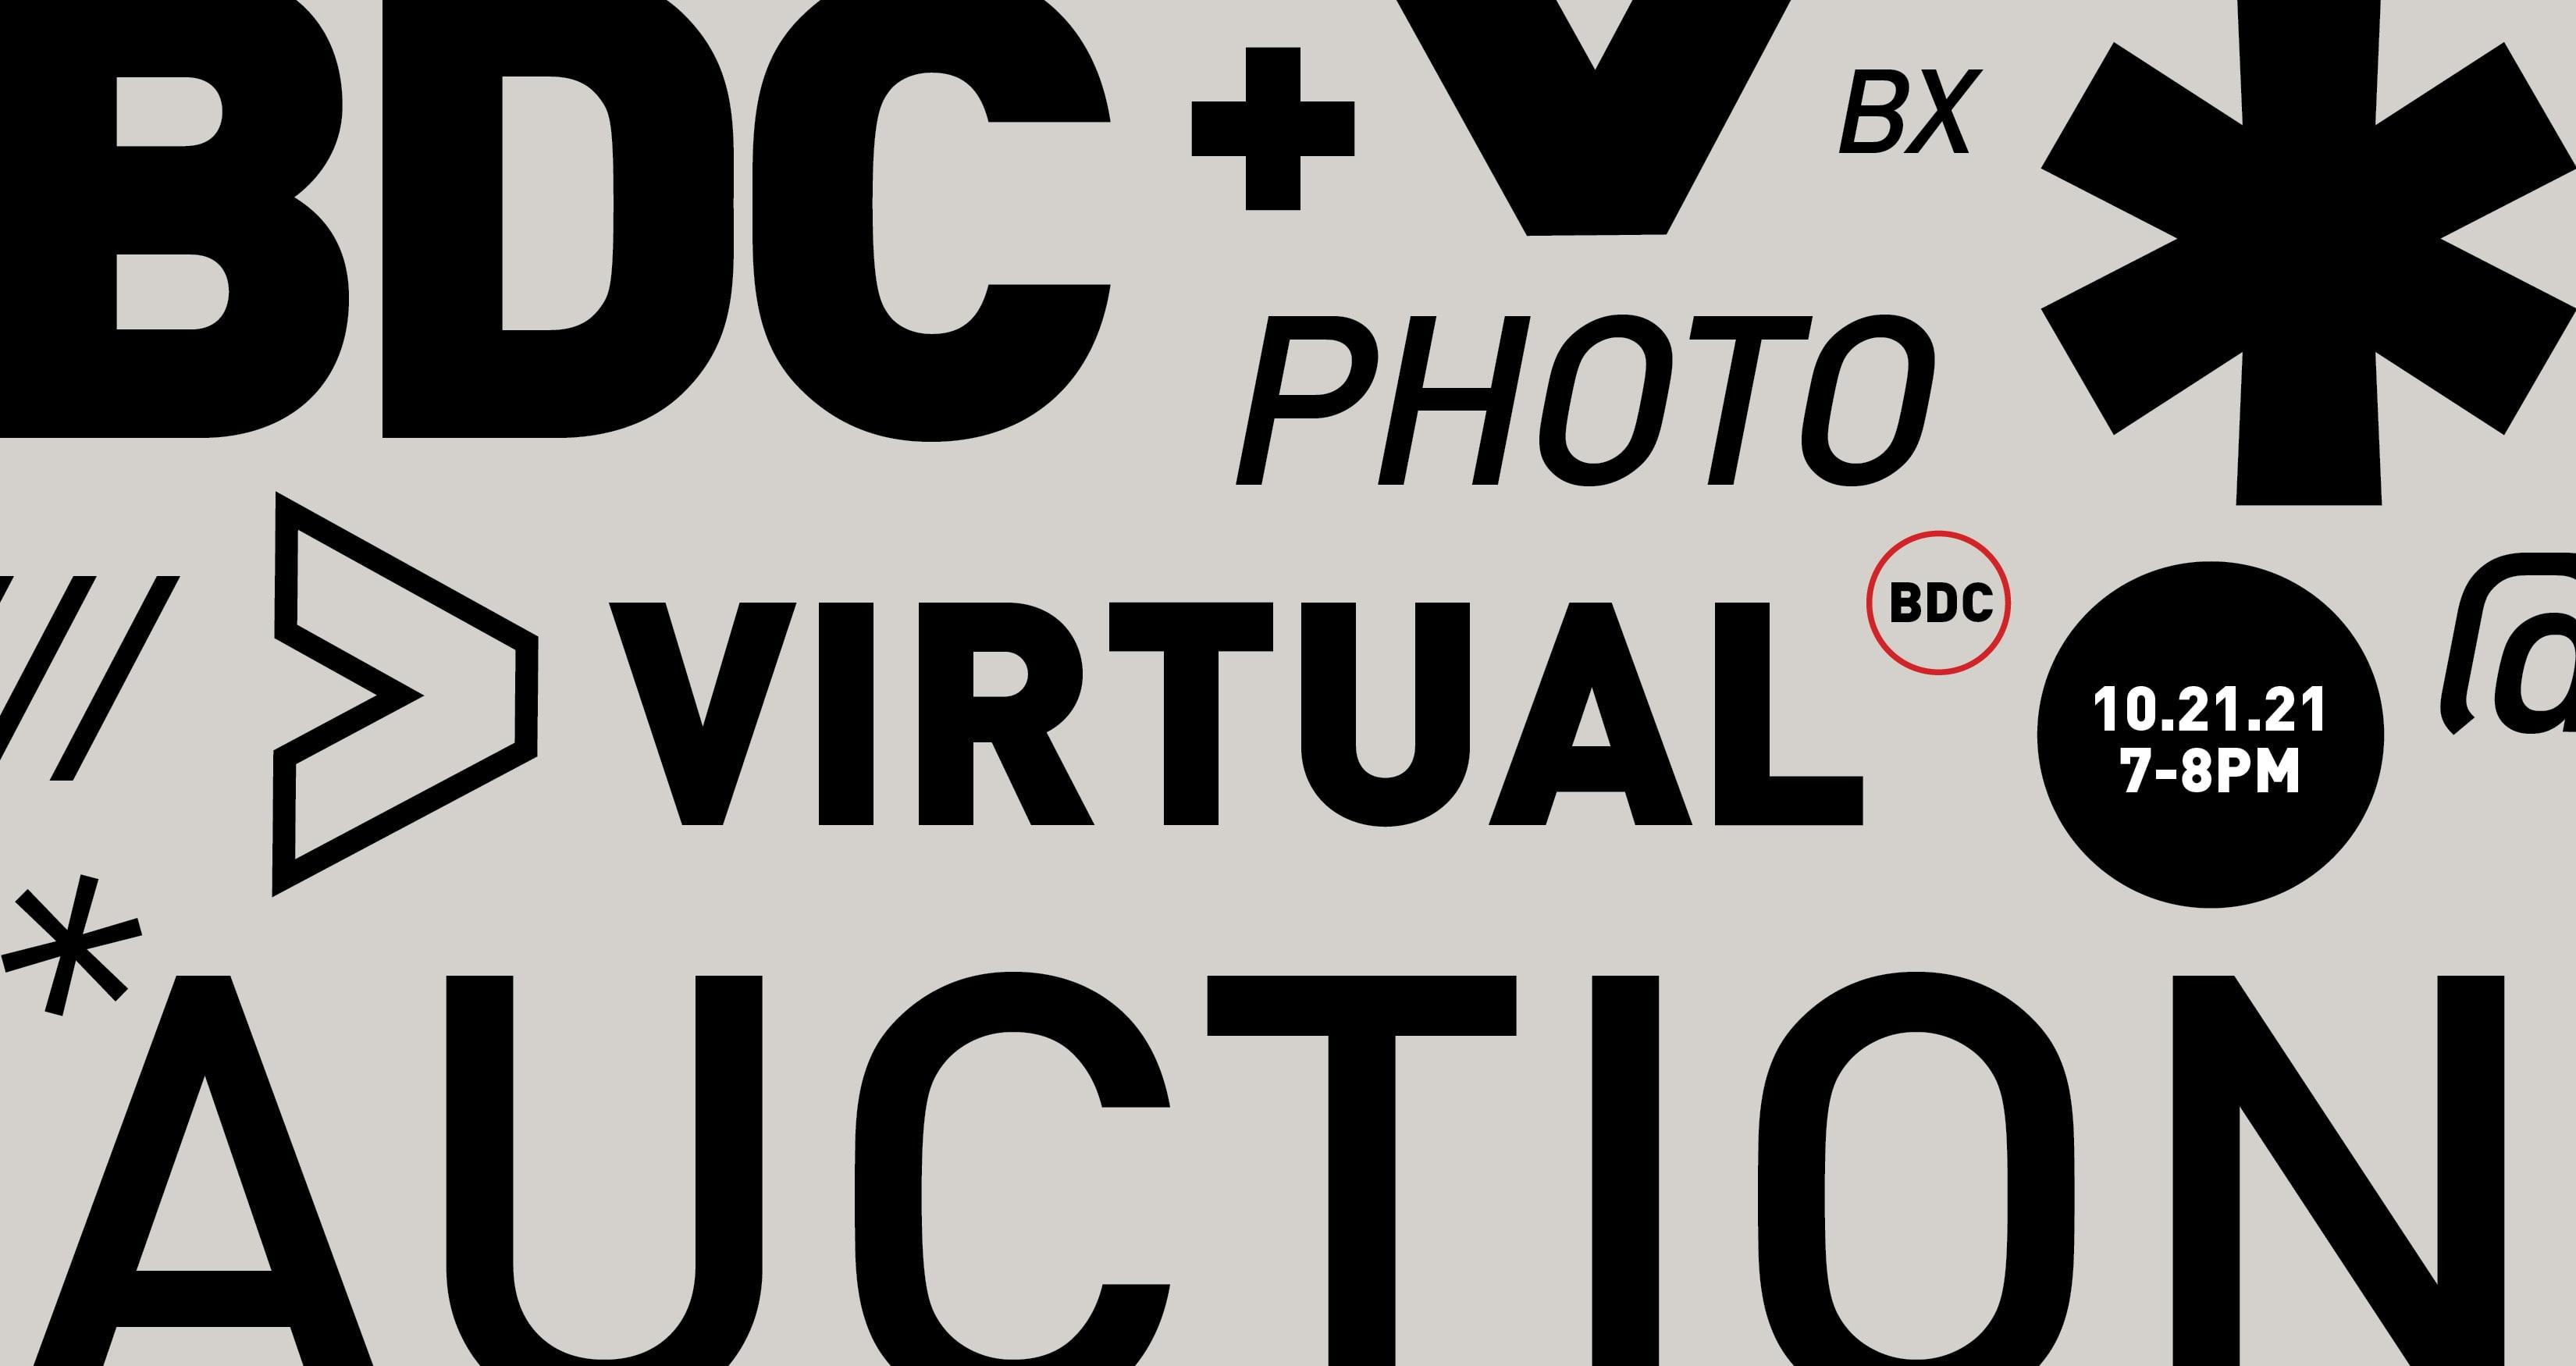 BDC Photo Auction Benefit